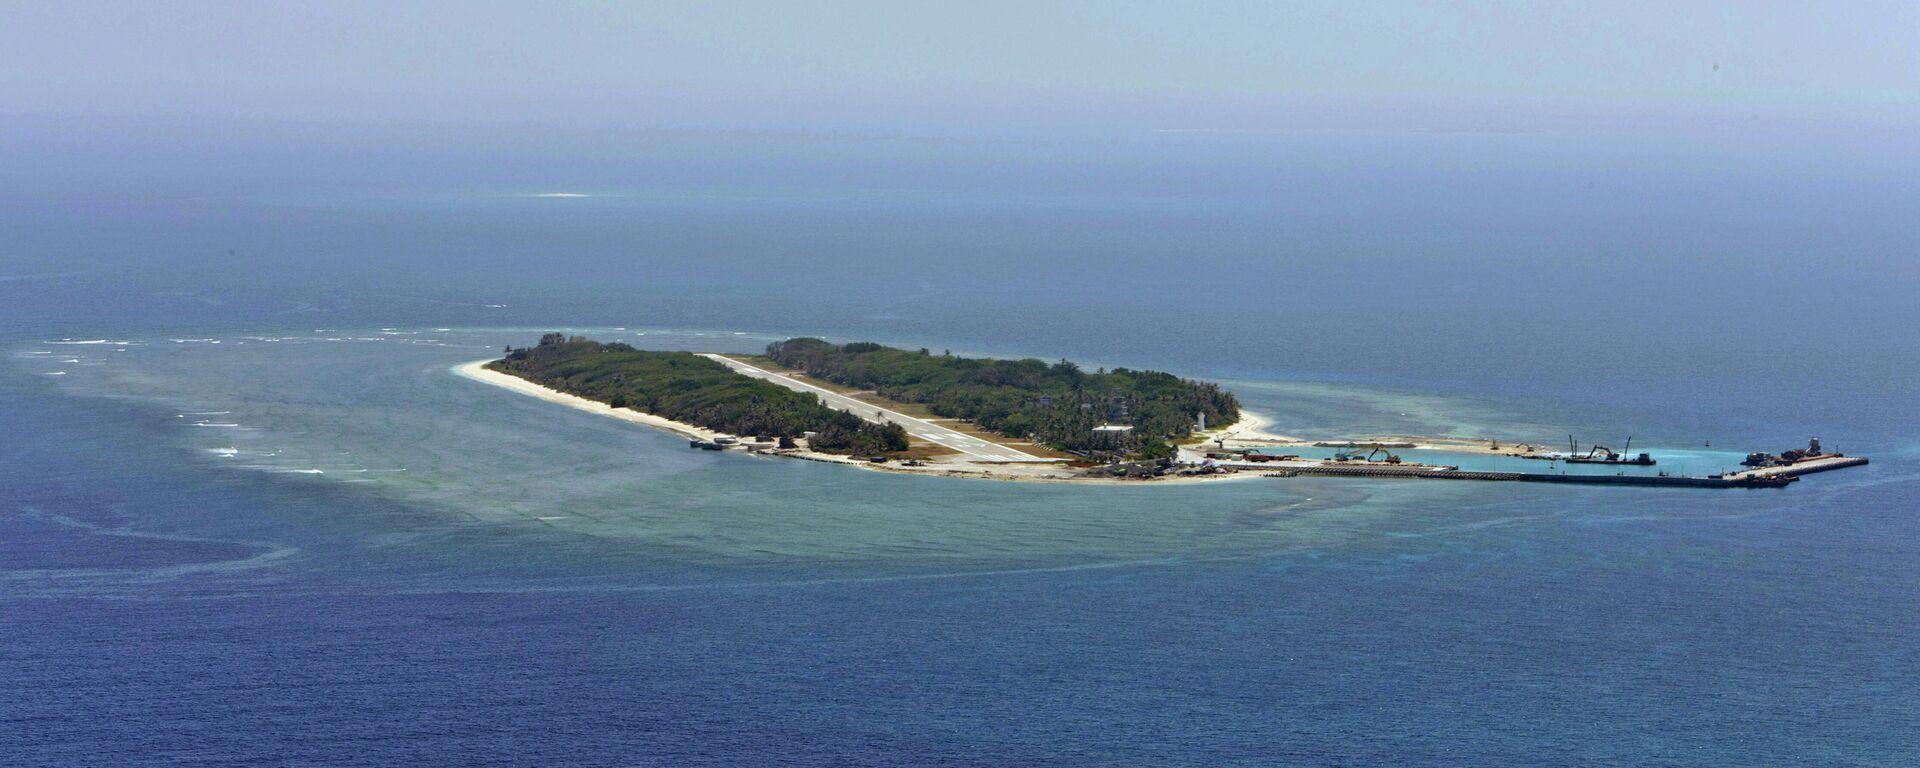 La isla Itu Aba en el mar de China Meridional - Sputnik Mundo, 1920, 12.05.2021